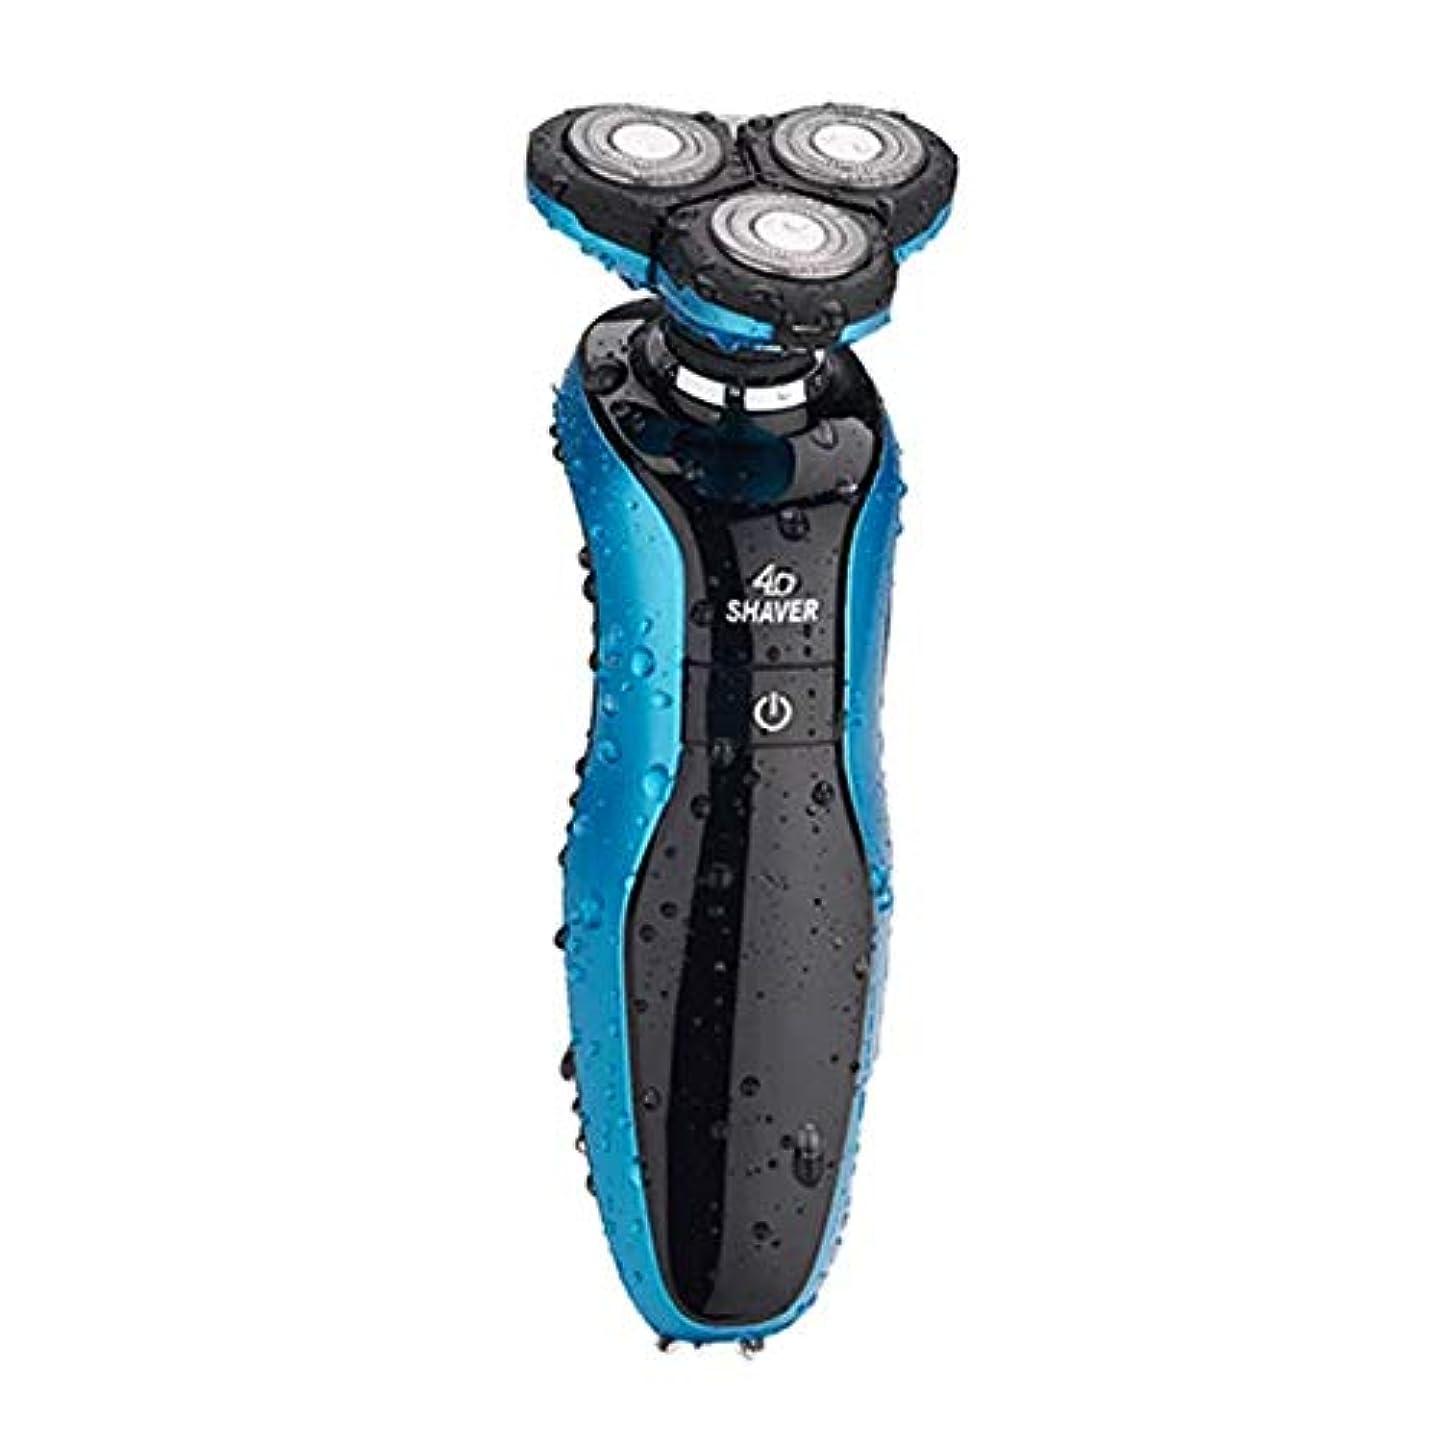 洗剤完璧な輝度電気シェーバー男性美容セット人間工学IPX 6防水ドライウェットロータリーシェーバーUSB充電すぐにアダプタで充電することができますメンズグルーミングキット A1